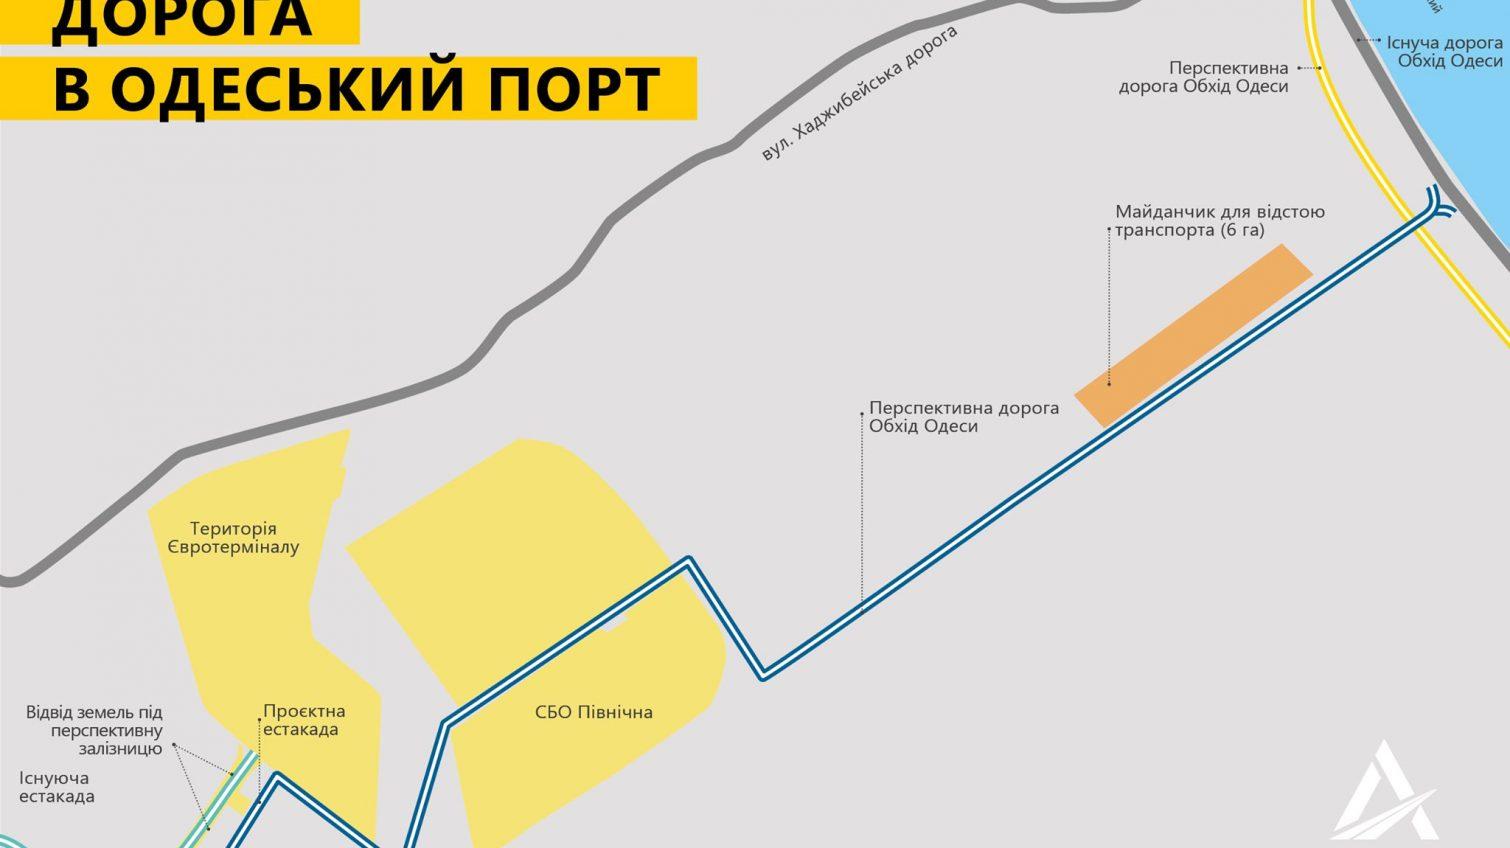 Укравтодор показал схему новой дороги в Одесский морпорт «фото»